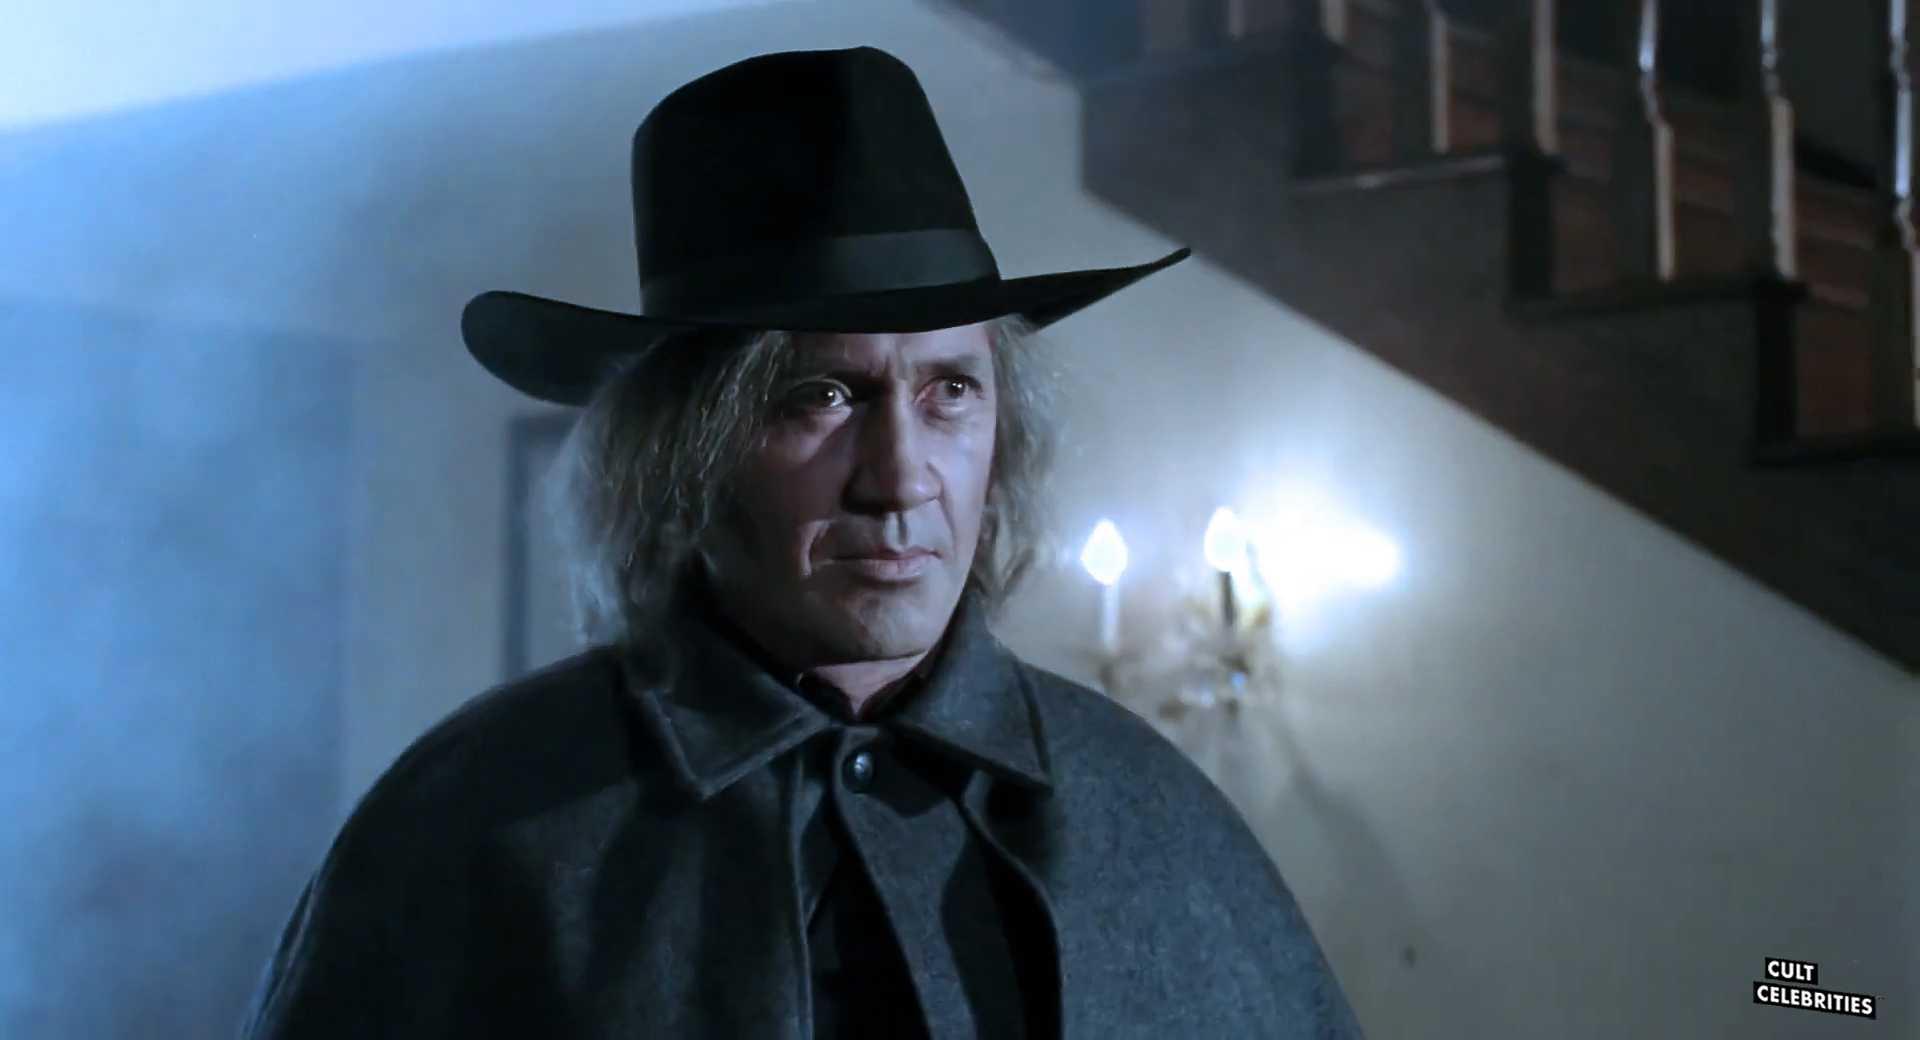 David Carradine in Evil Toons (1992)